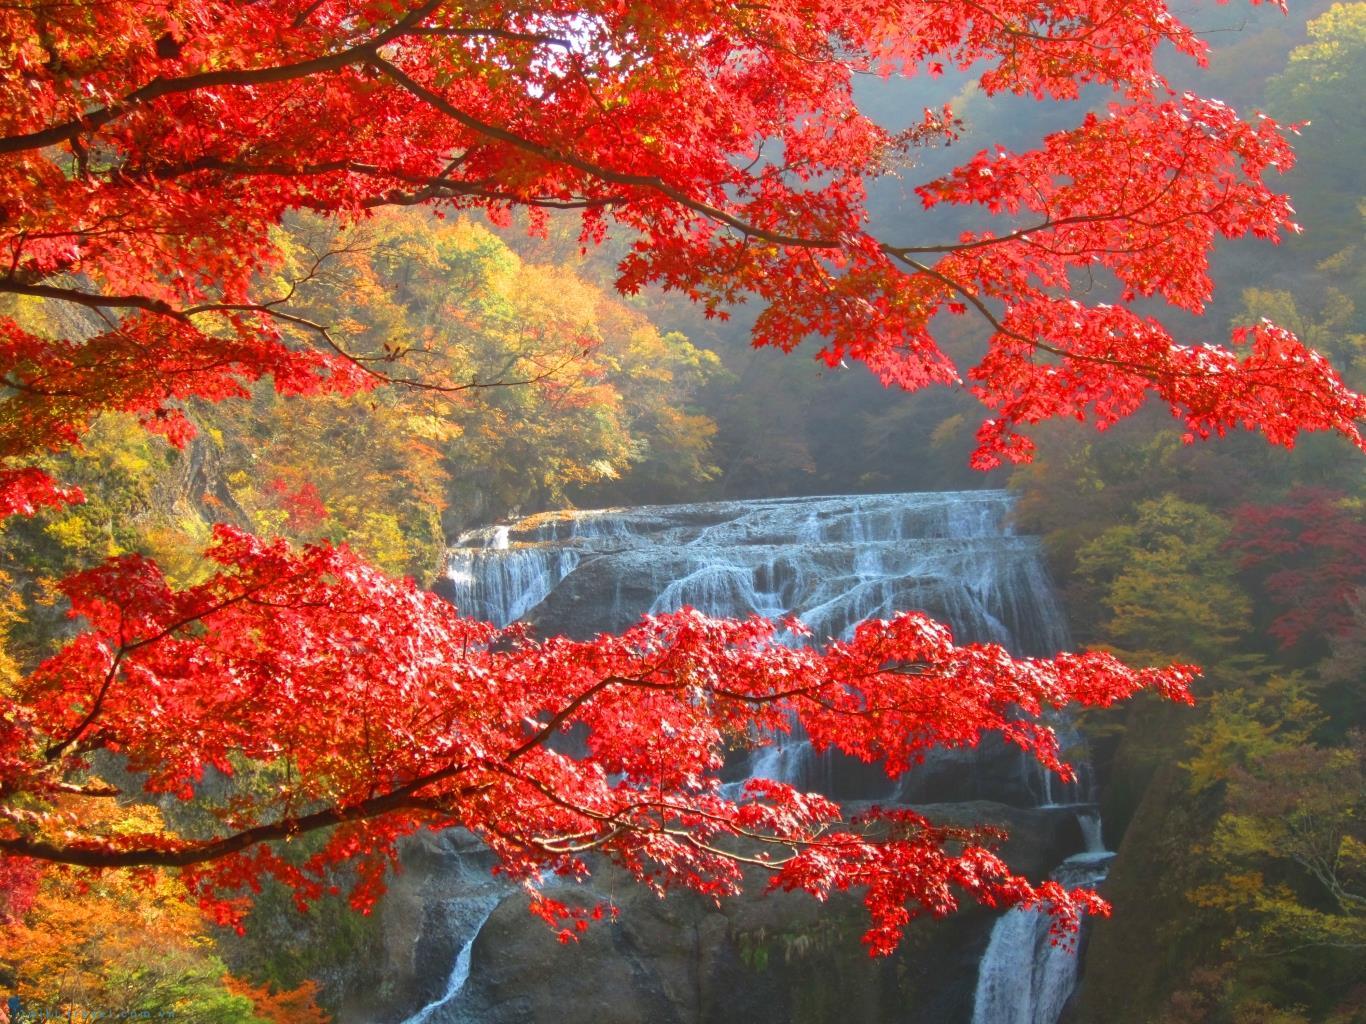 Scenery Wallpaper Fall Ho 224 I Niệm M 249 A L 225 đỏ Nơi Xứ Sở Hoa Anh đ 224 O